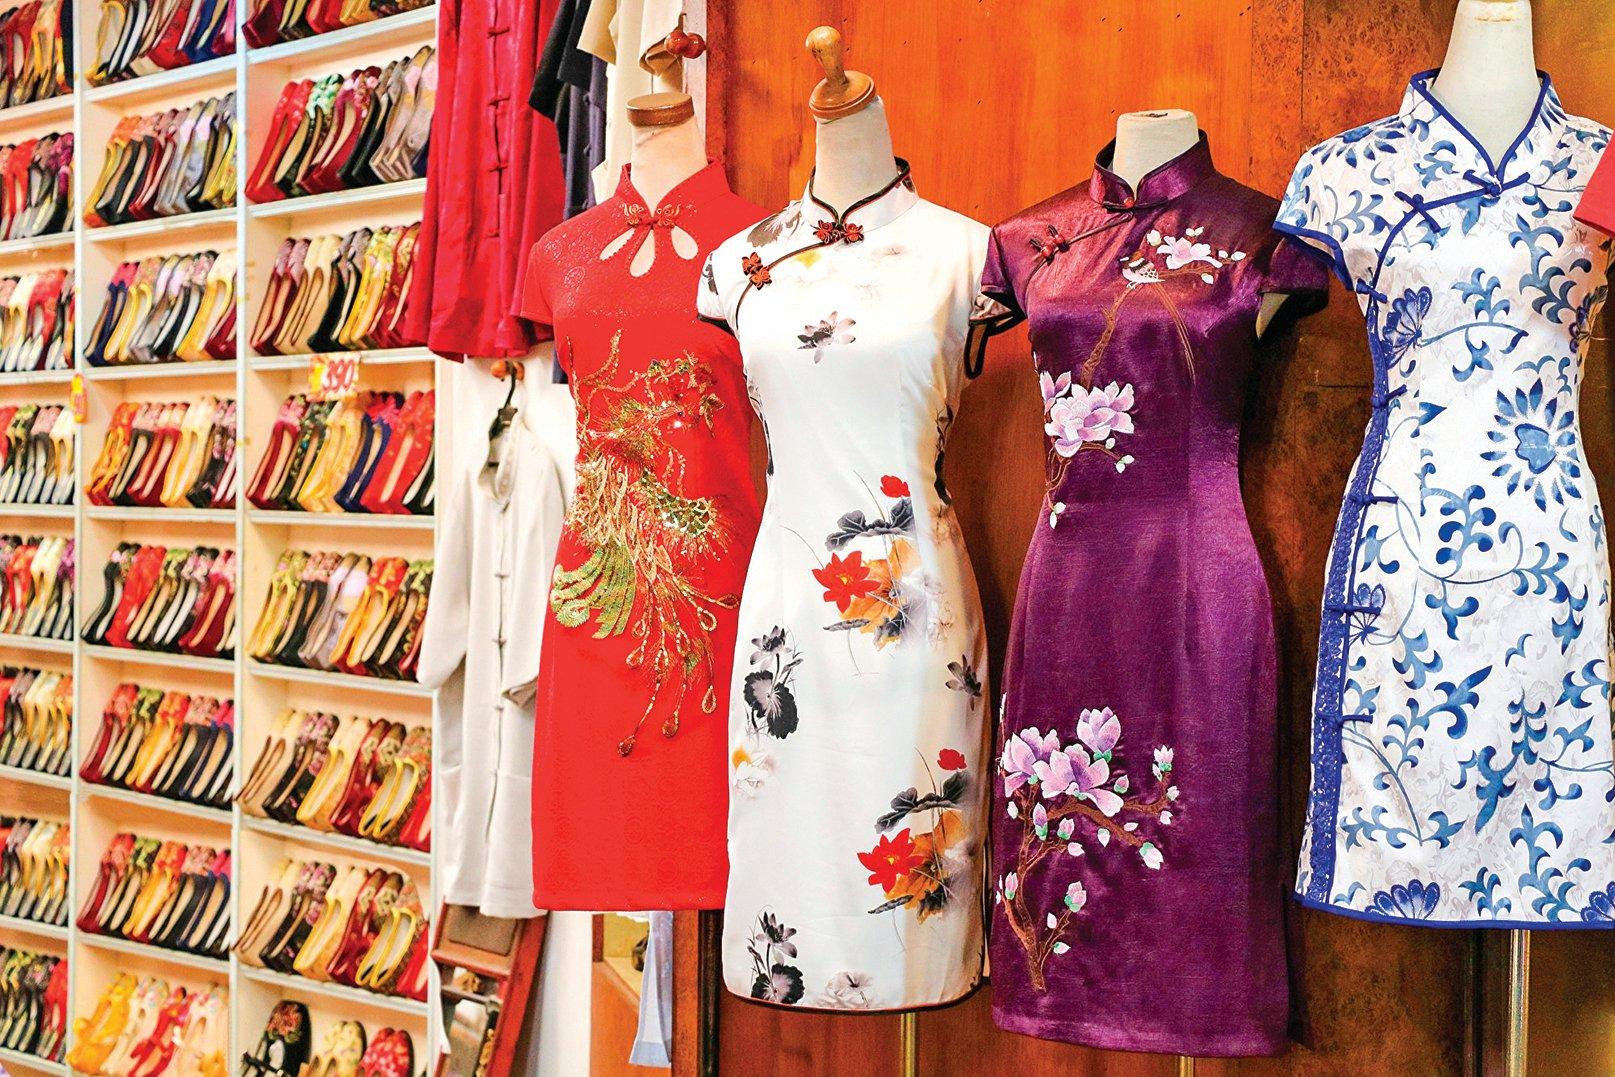 今天,人們談到旗袍,往往早已超越了服飾本身。它是一種深具魅力的文化,一種具有獨特東方韻味的美學表現。(Shutterstock)